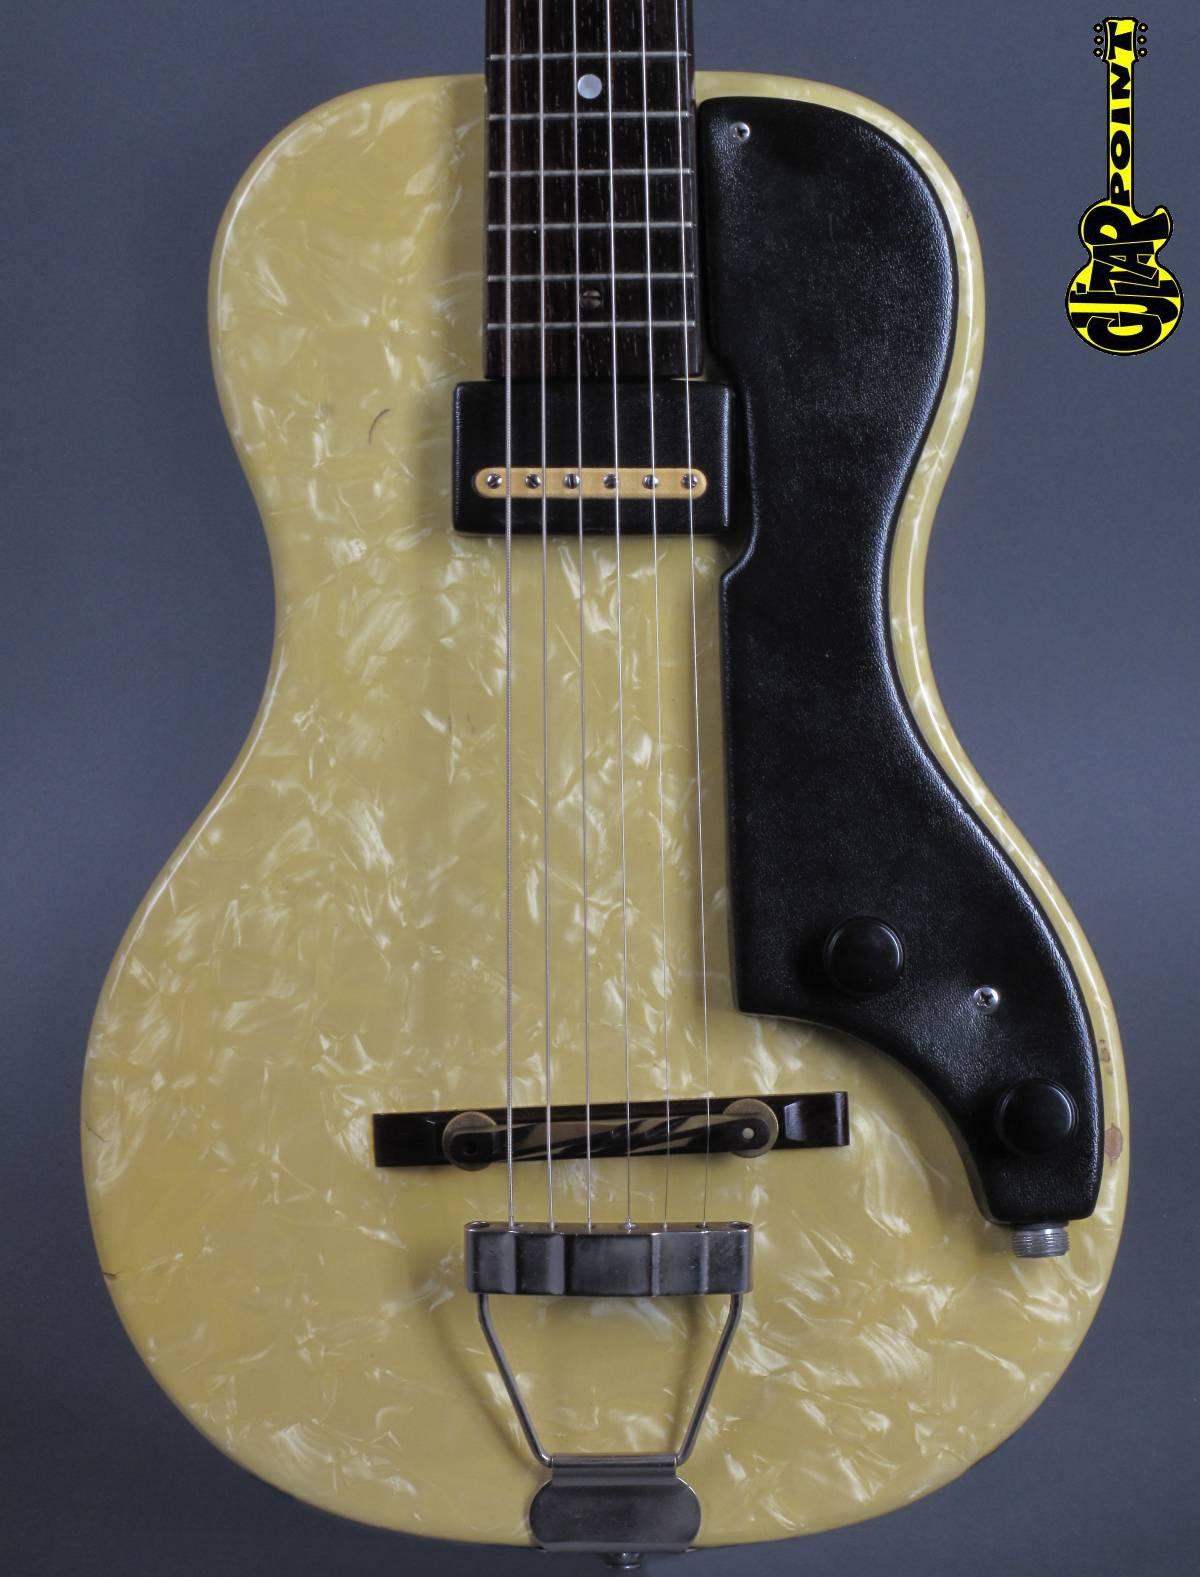 1953 Supro Ozark - White Pearl